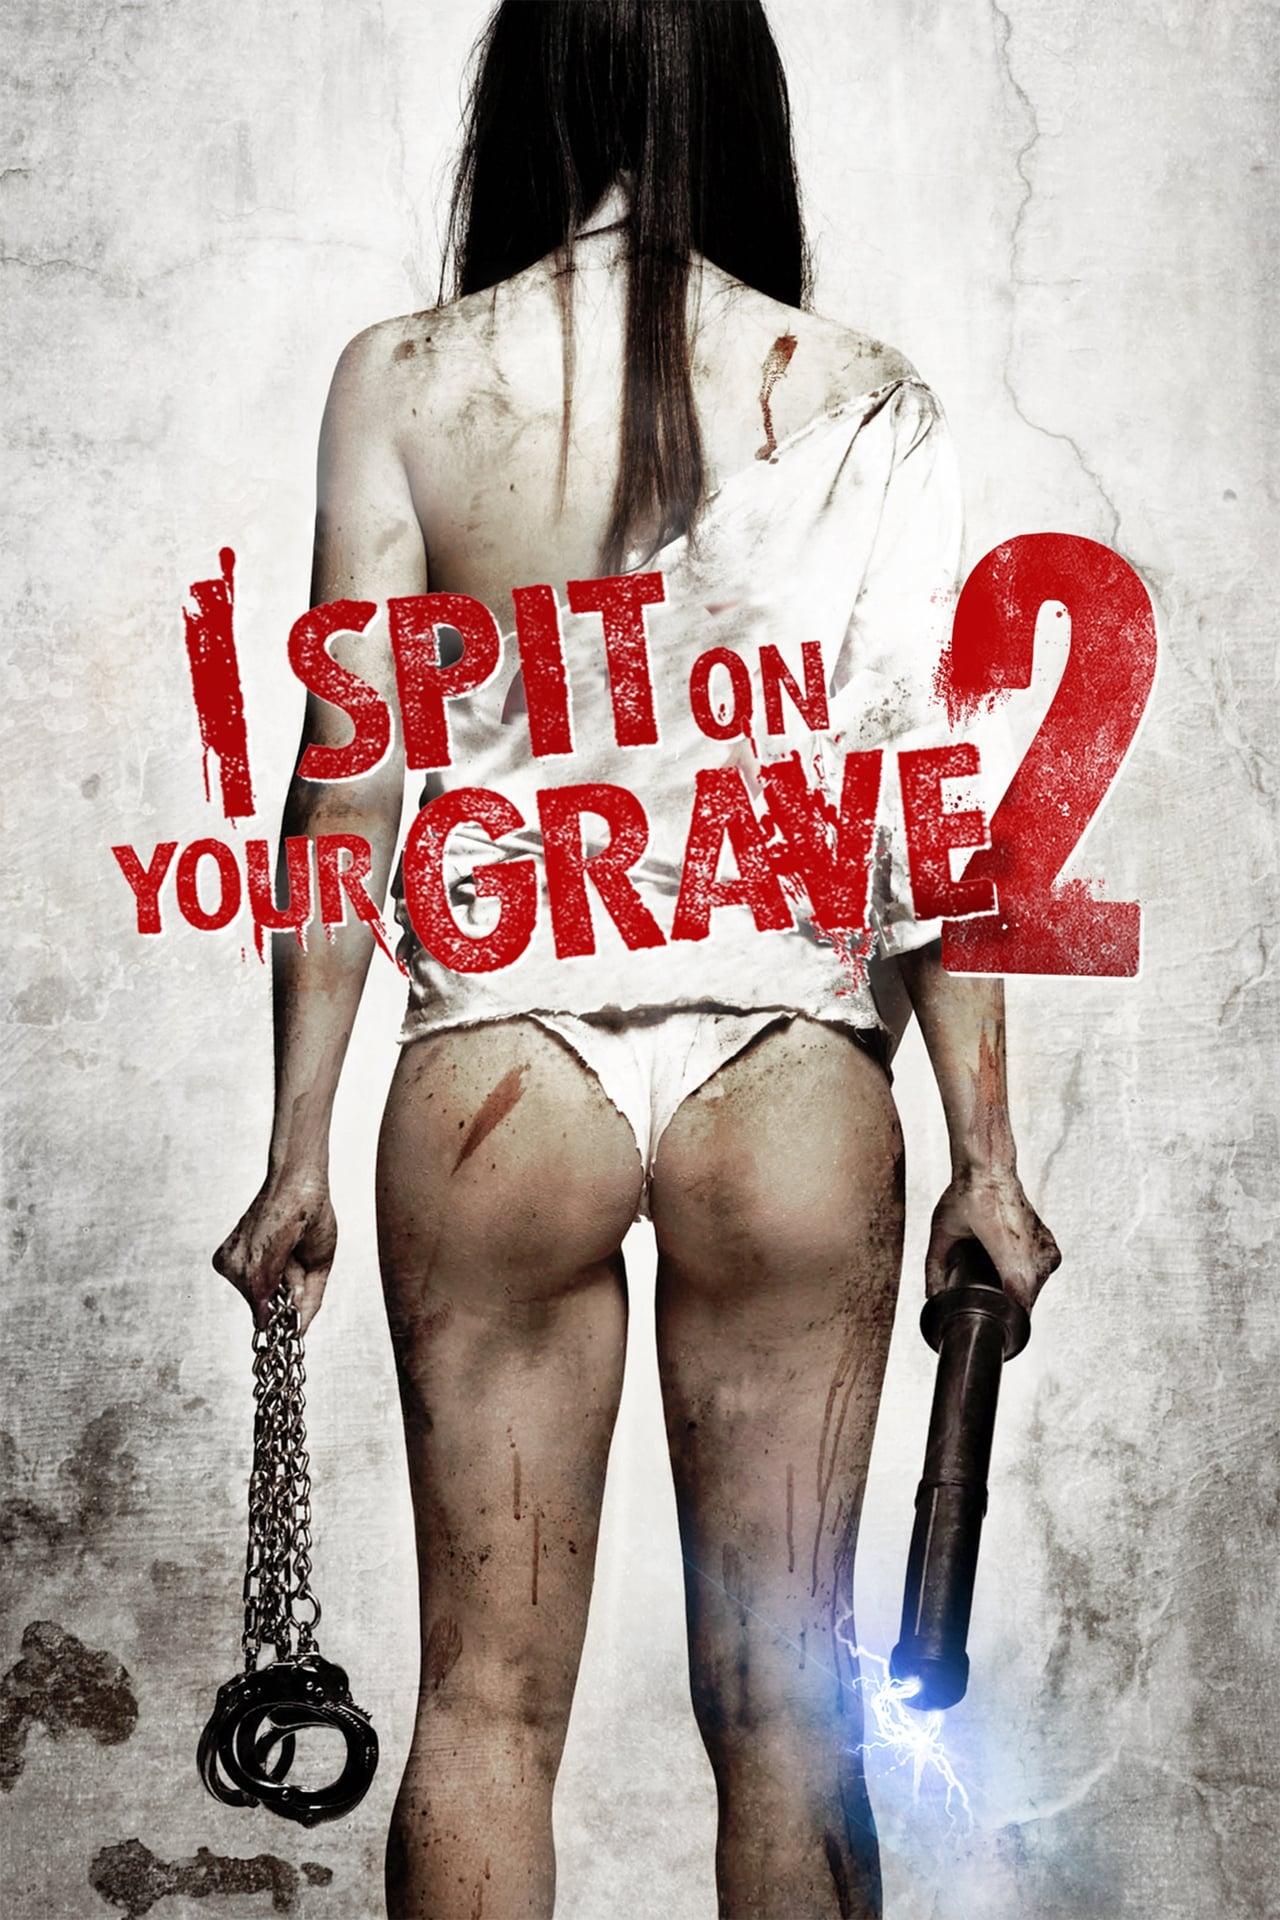 i spit on your grave 2 eng subtitles